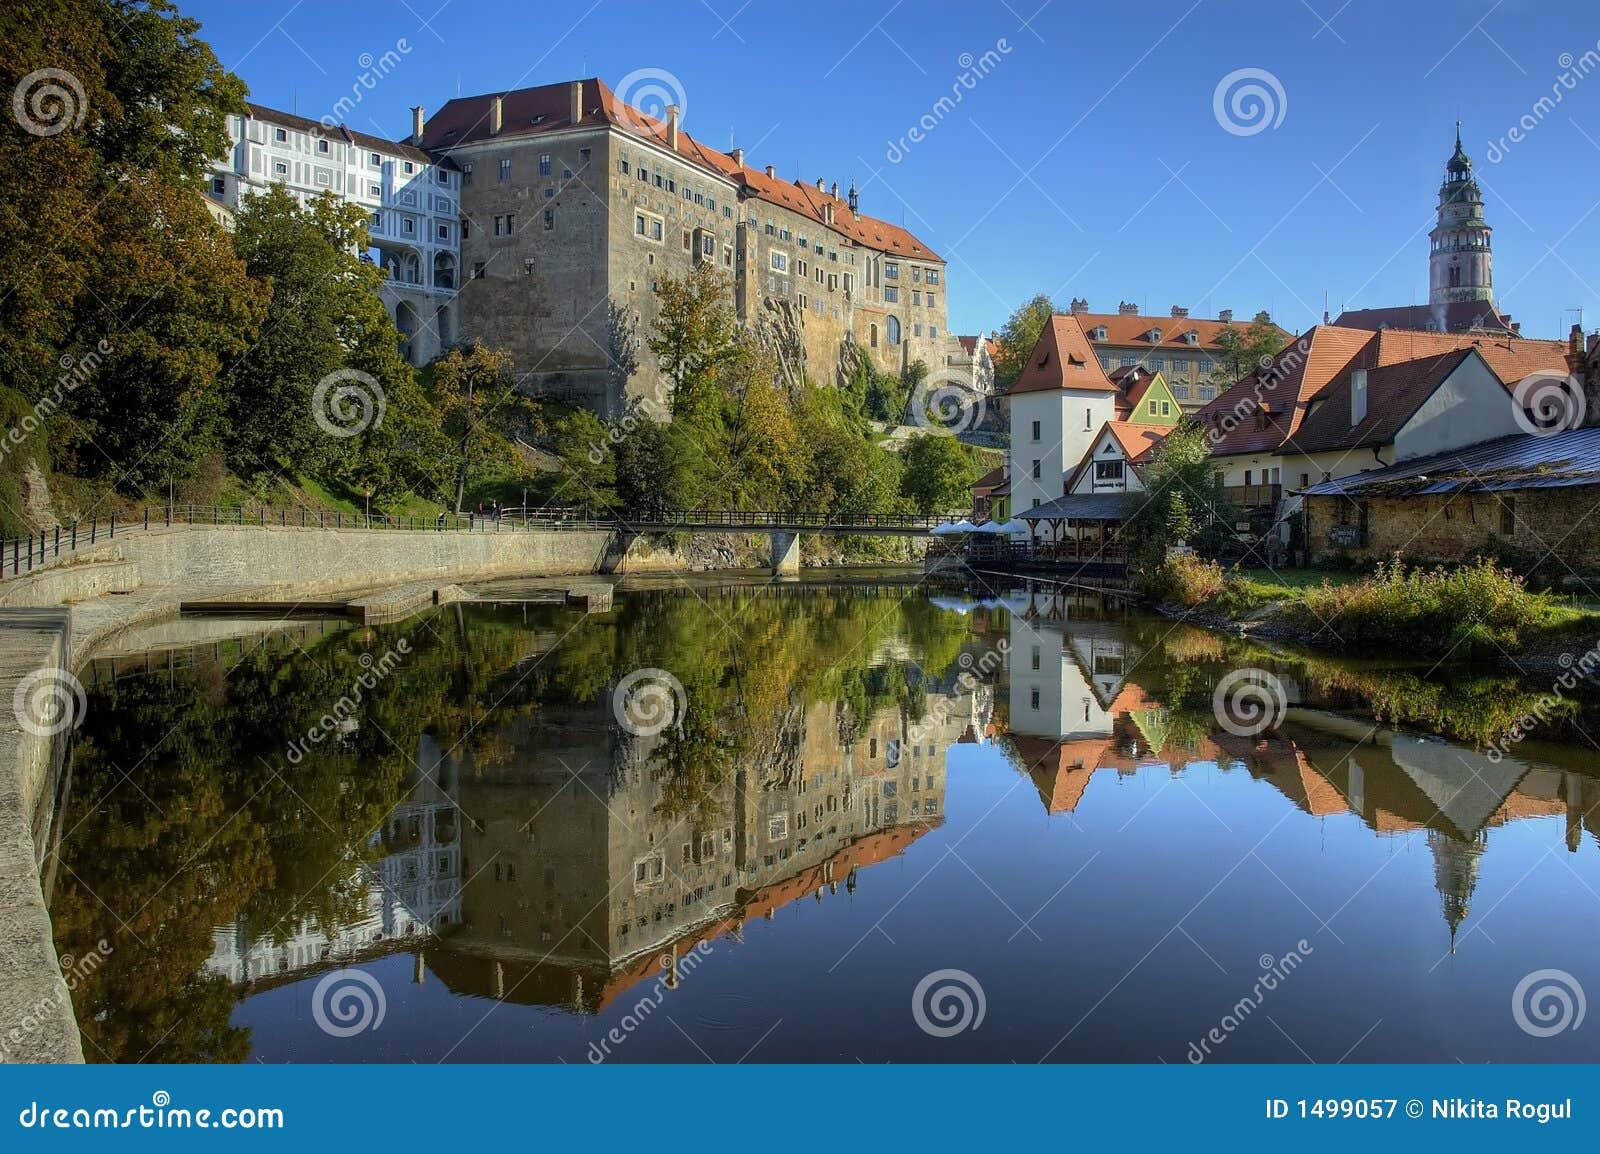 Old castle in Cesky Krumlov